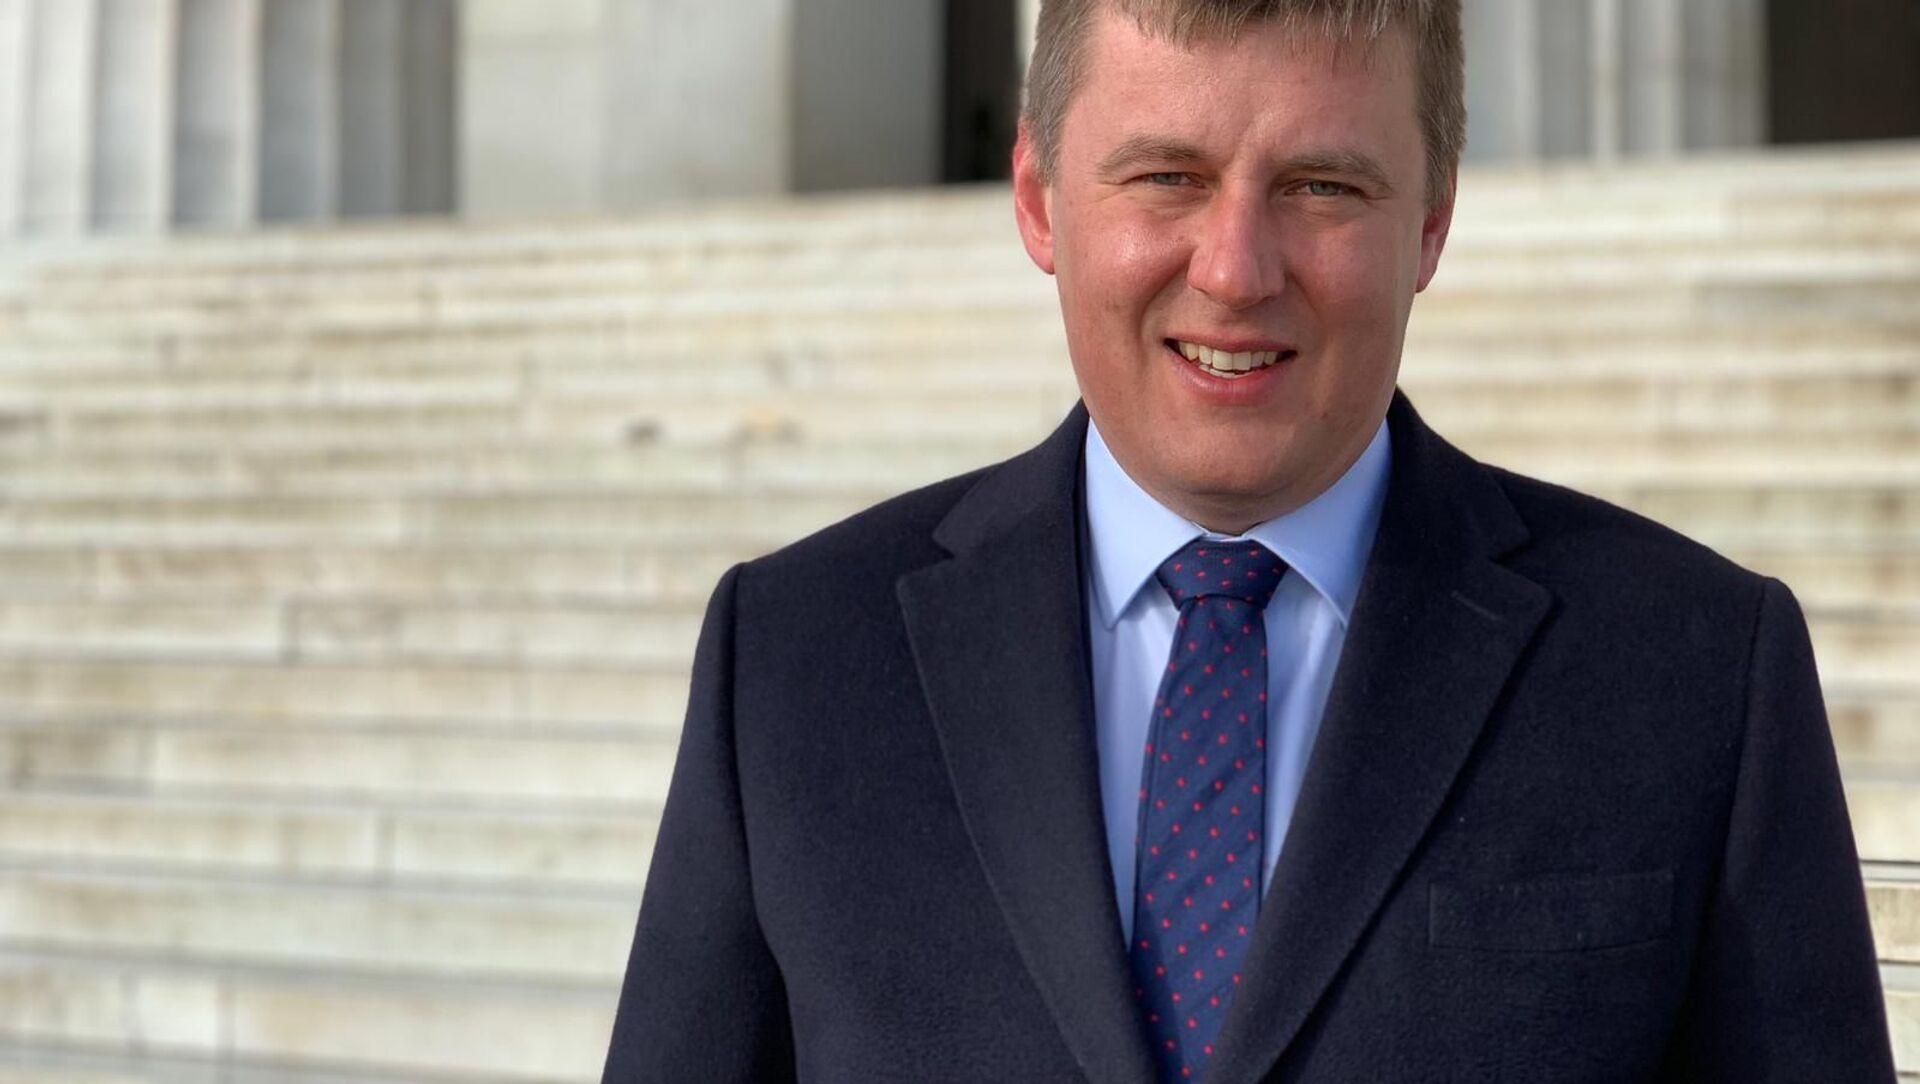 Ministr zahraničních věcí Česka Tomáš Petříček - Sputnik Česká republika, 1920, 09.04.2021